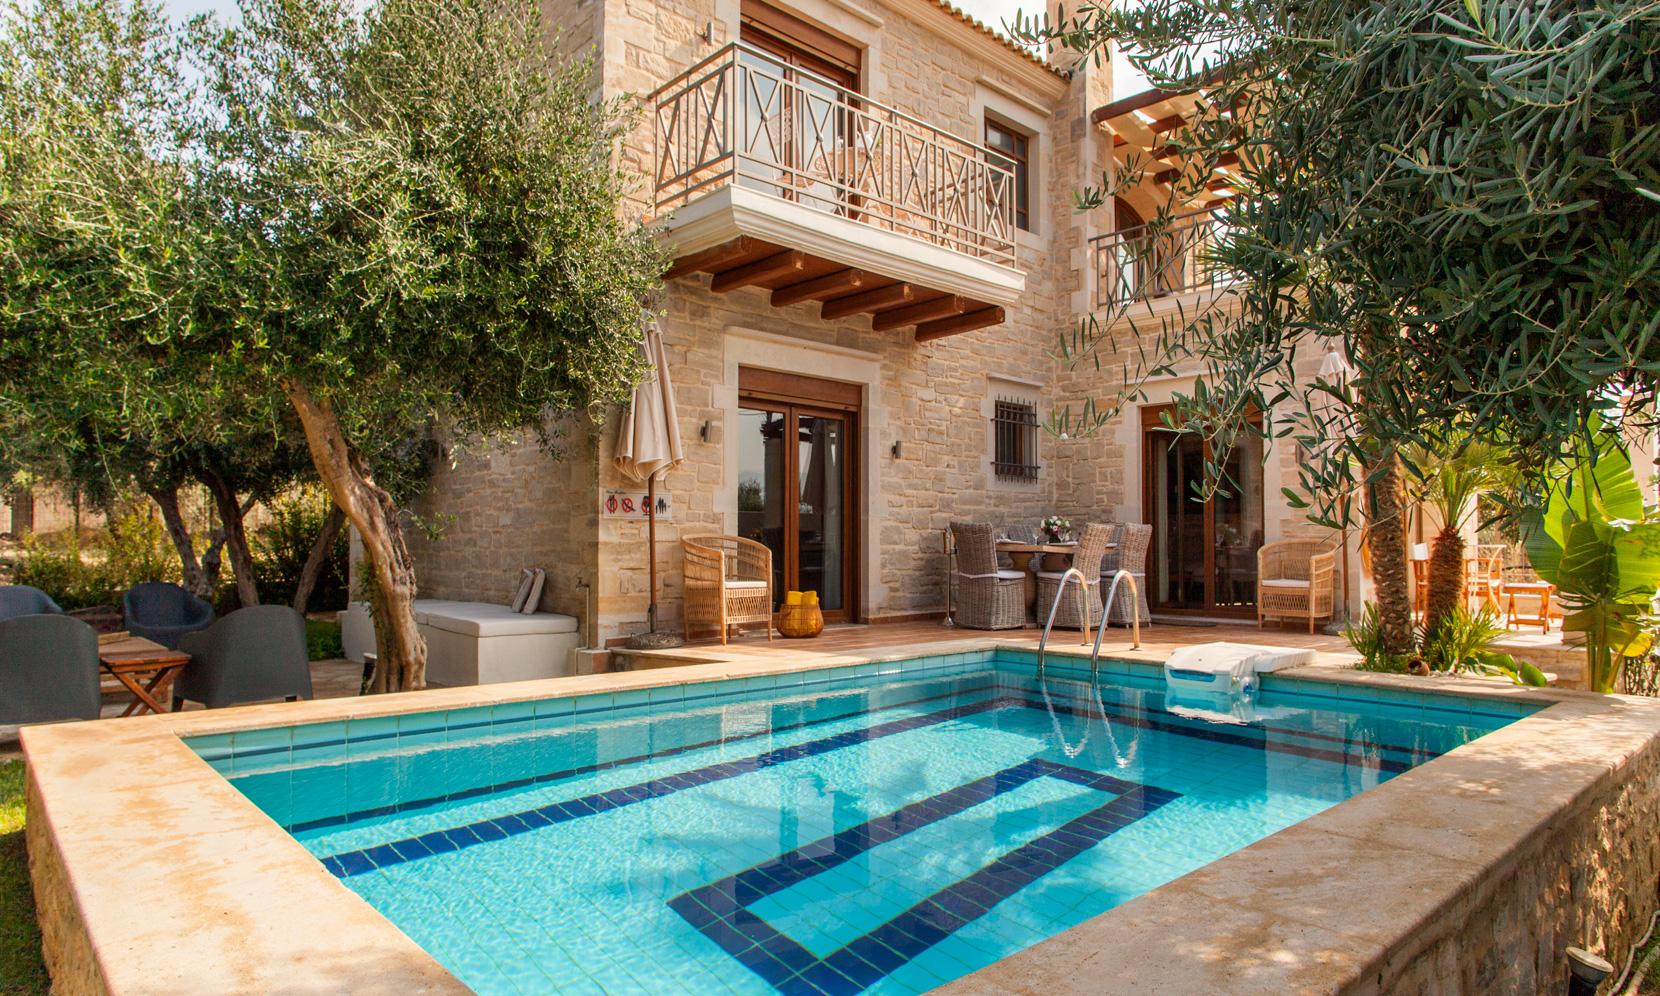 Crete Villa Doris 1 jumbotron image